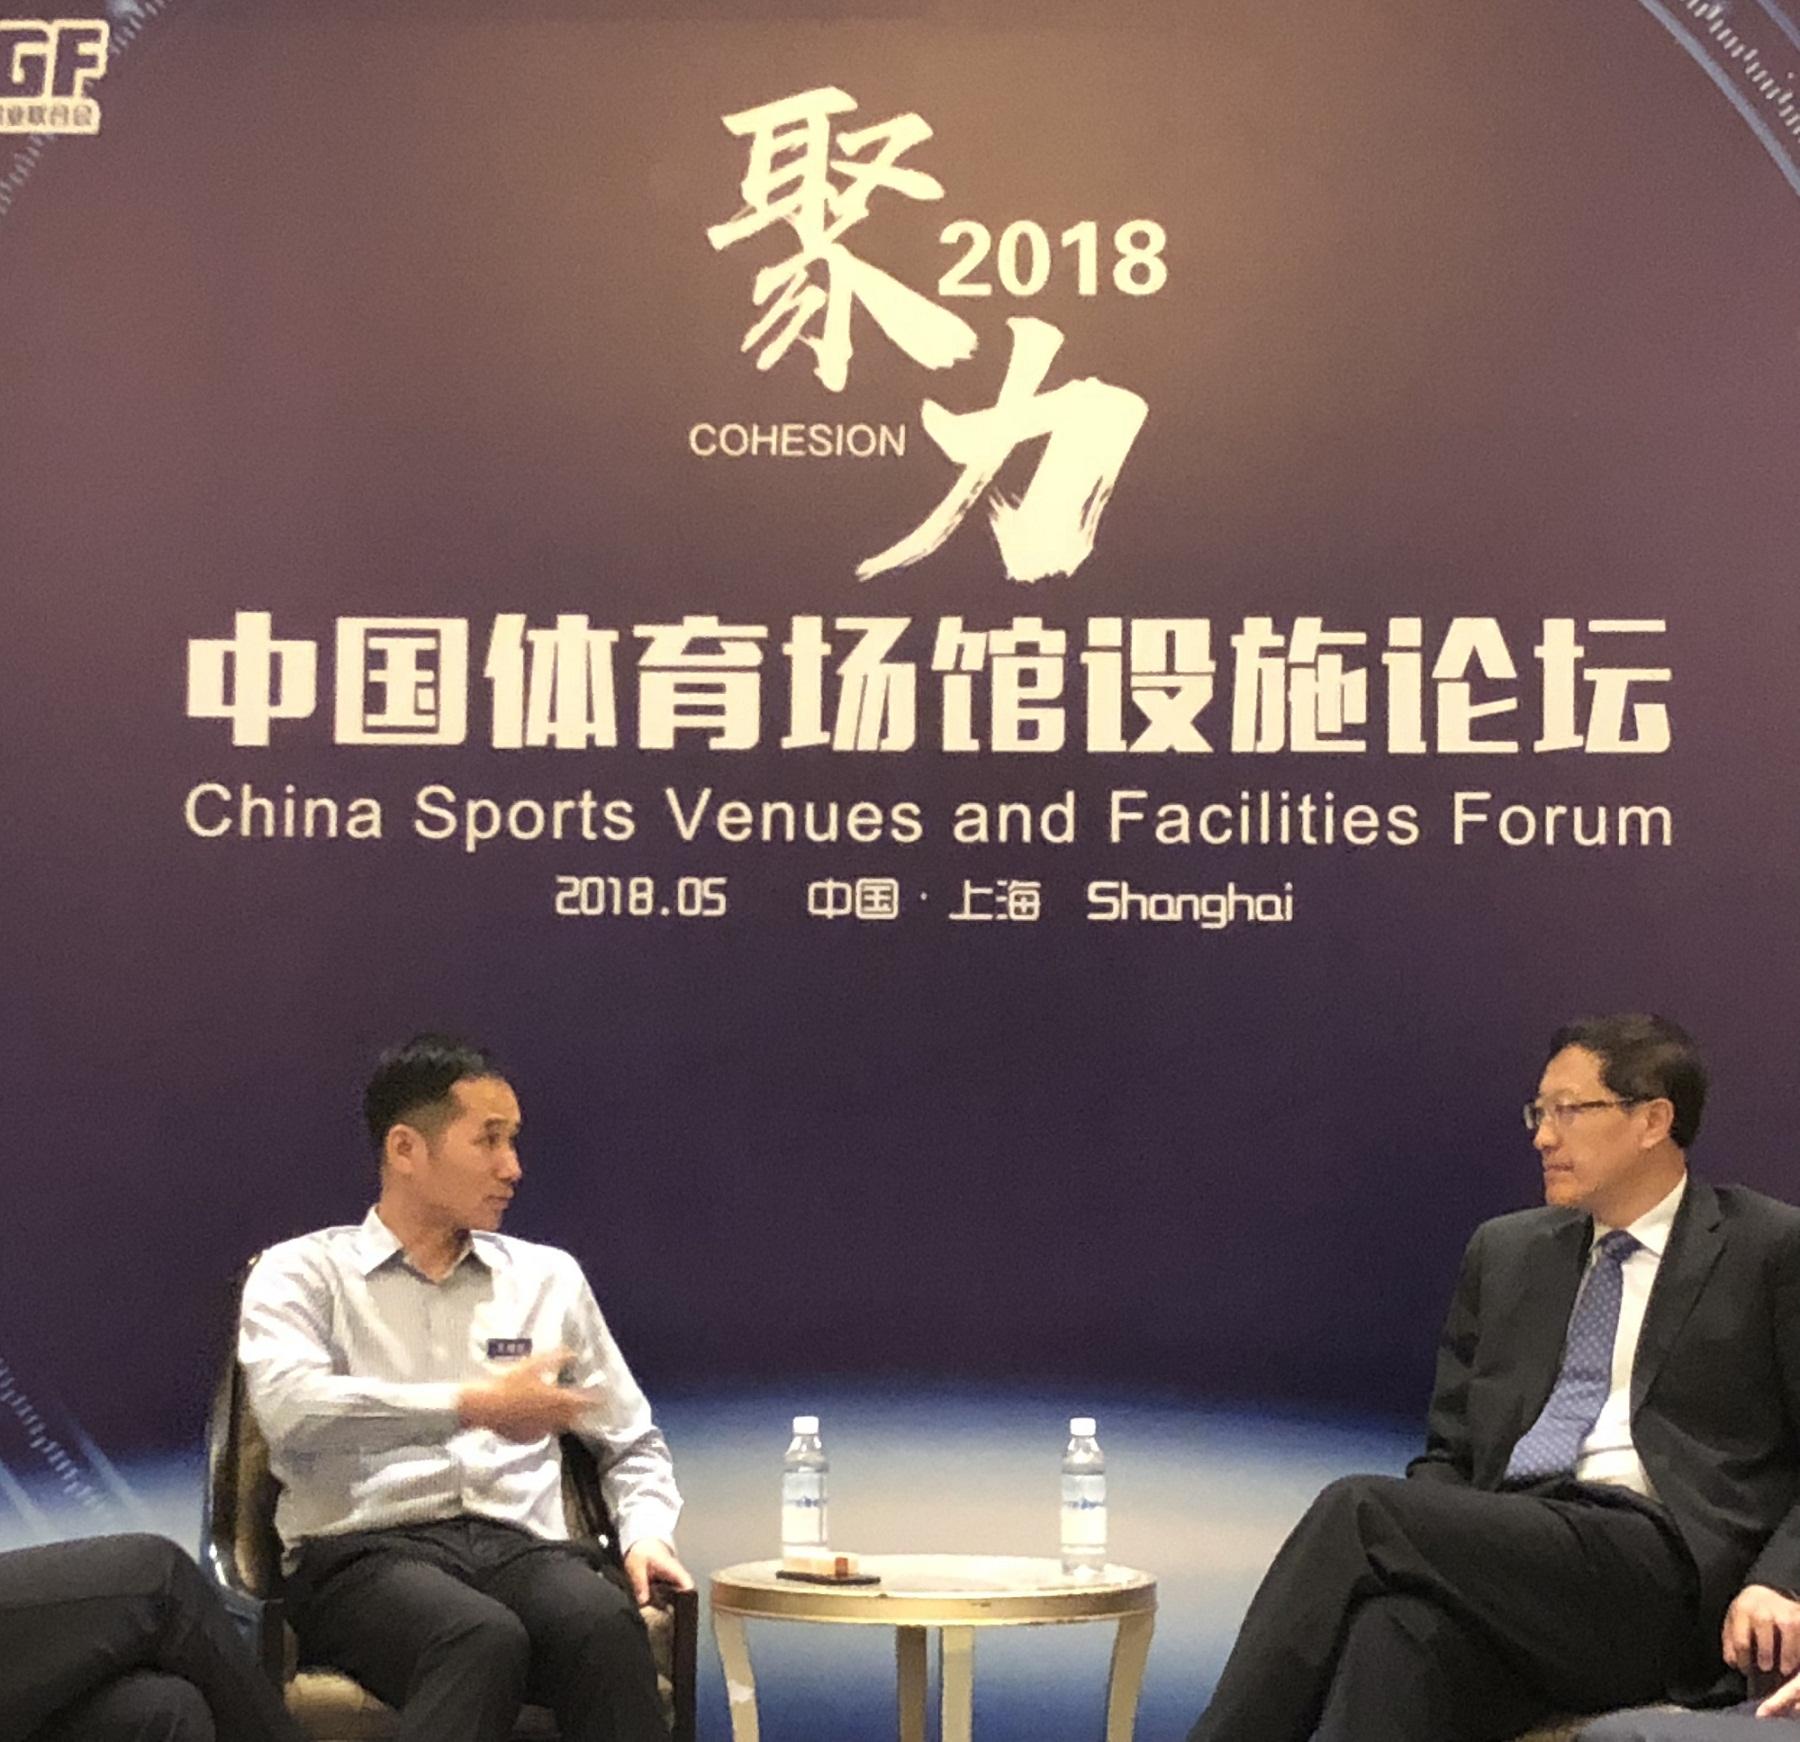 中国体育用品业联合会主席李桦同王总交谈